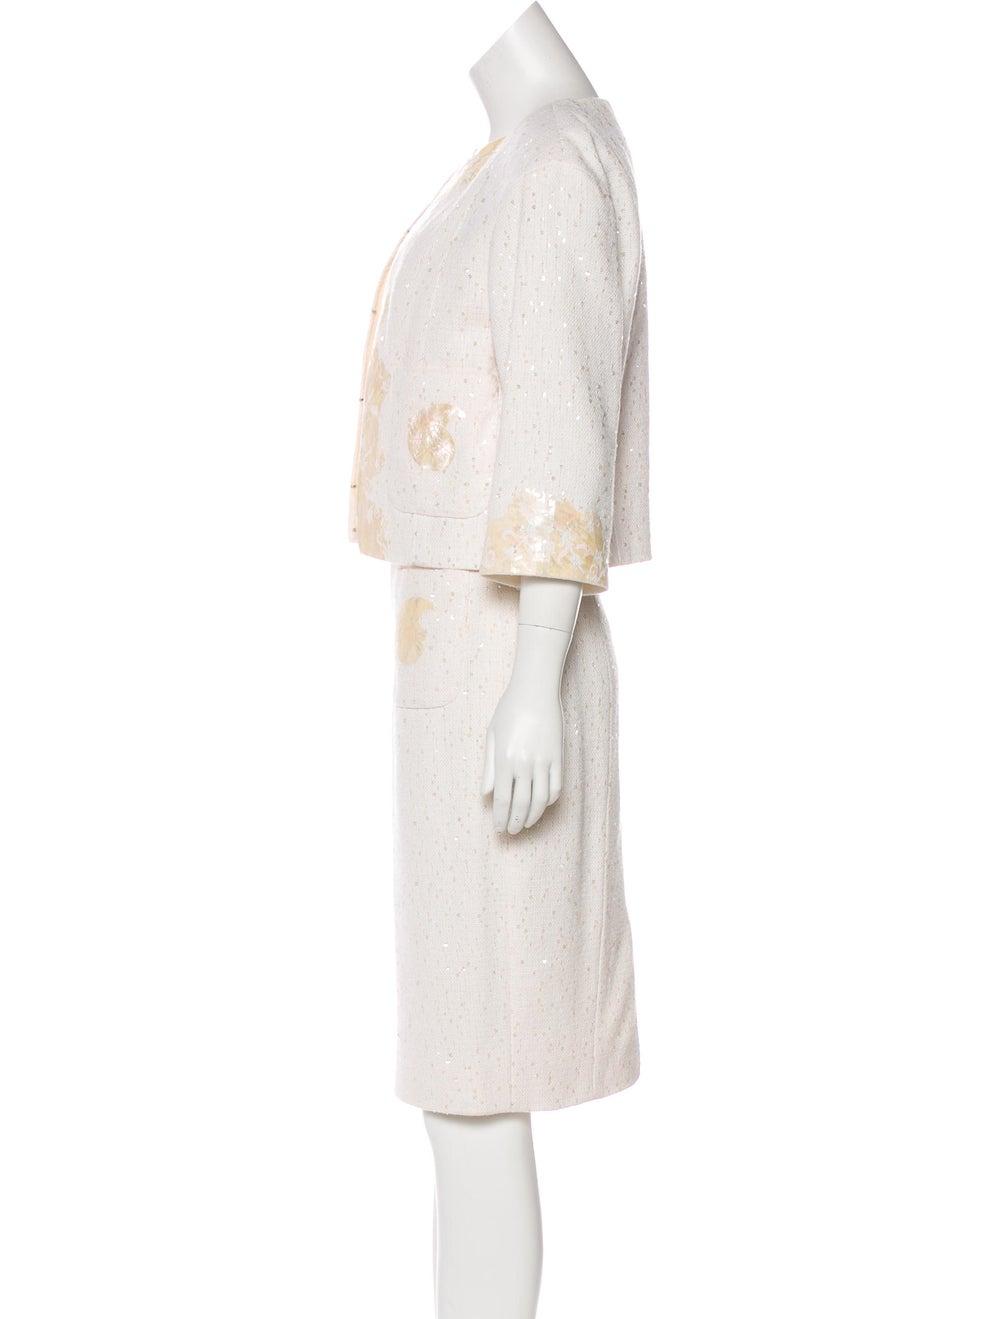 Chanel Embellished Tweed Dress Set - image 2